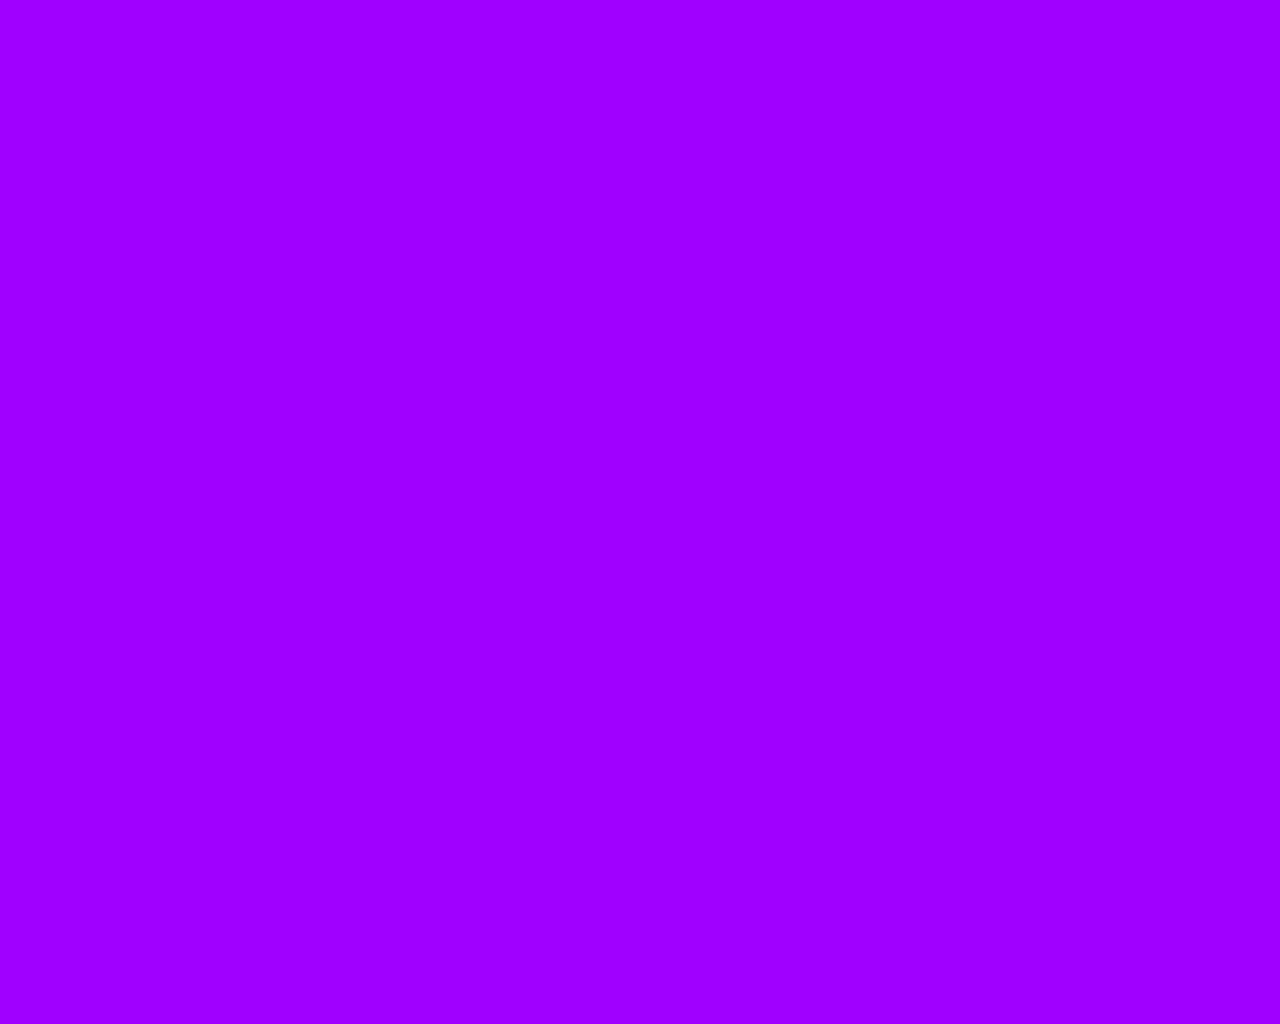 1280x1024 Vivid Violet Solid Color Background